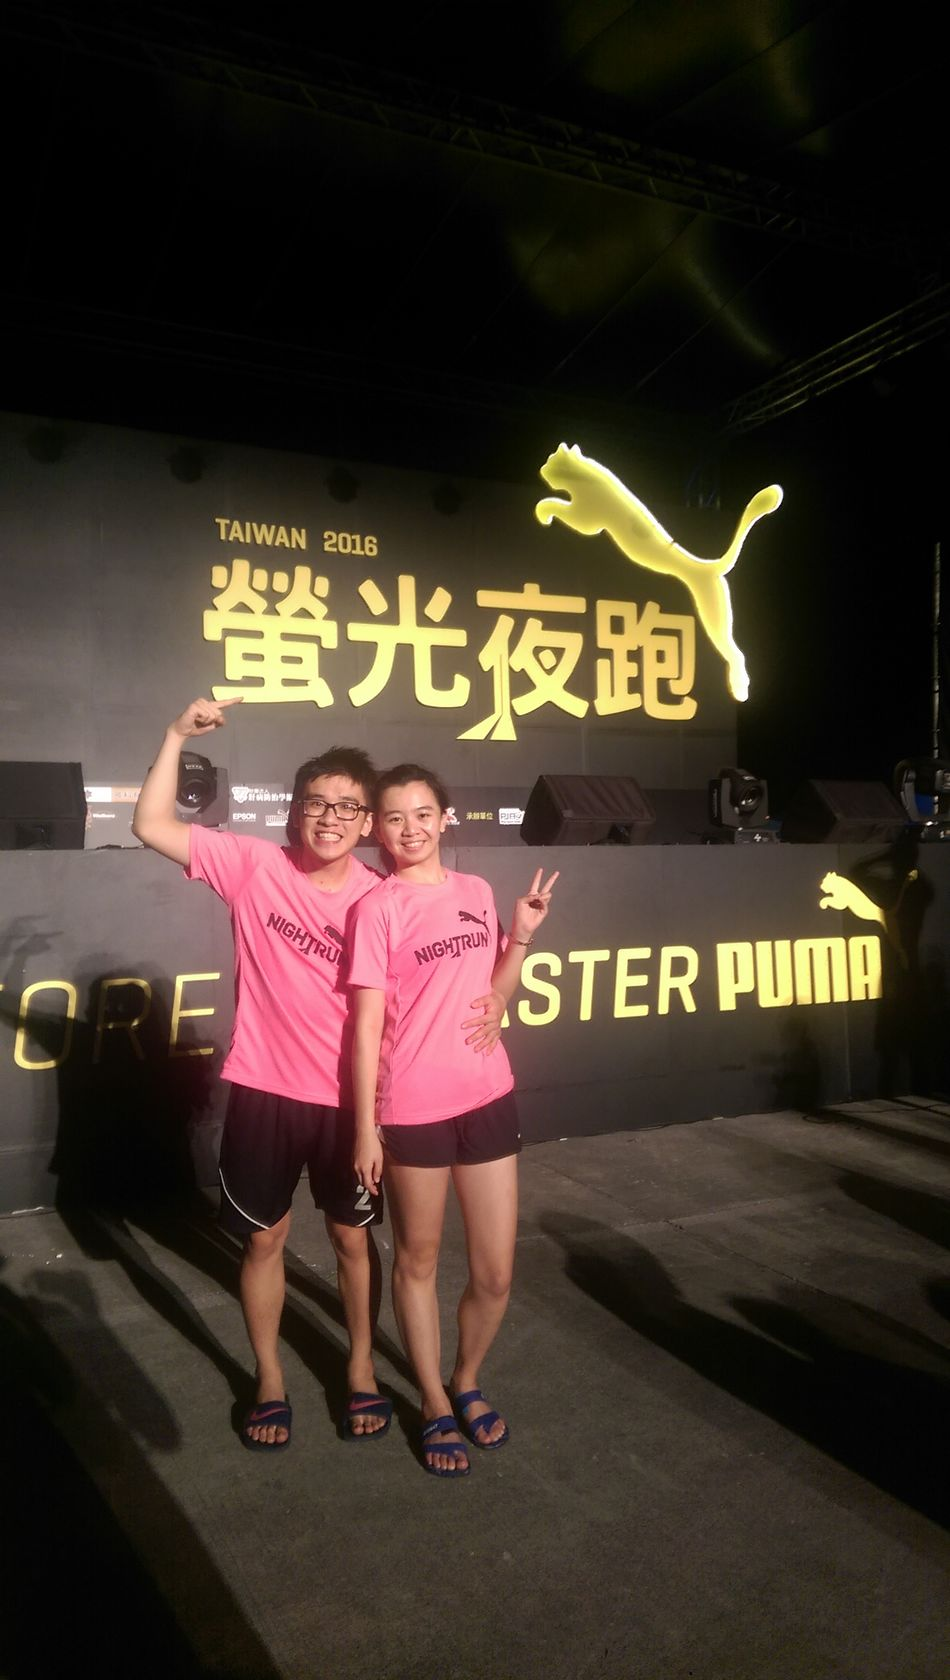 Puma十週年 第一次的14k 1:53 2016.4.23